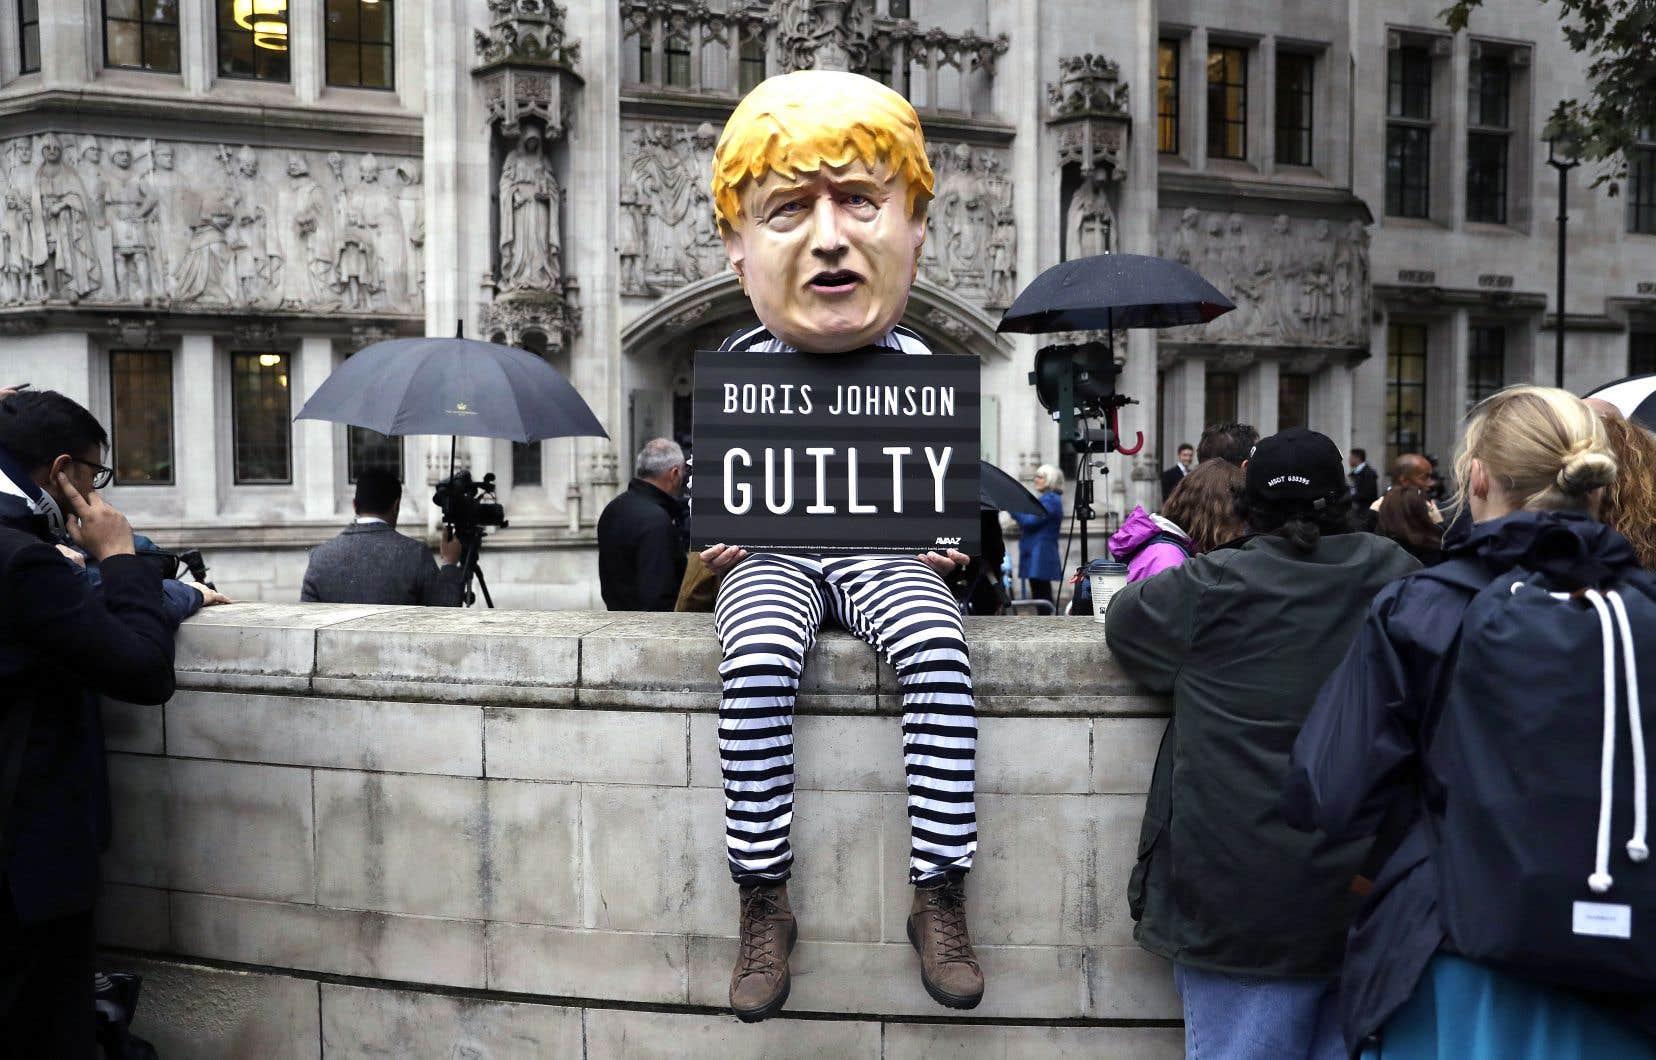 Un manifestant portant un costume caricatural du premier ministre Boris Johnson se tenait devant la Cour suprême du Royaume-Uni, mardi, lorsque ses magistrats ont prononcé leur décision unanime sur l'illégalité de la prorogation des travaux parlementaires.